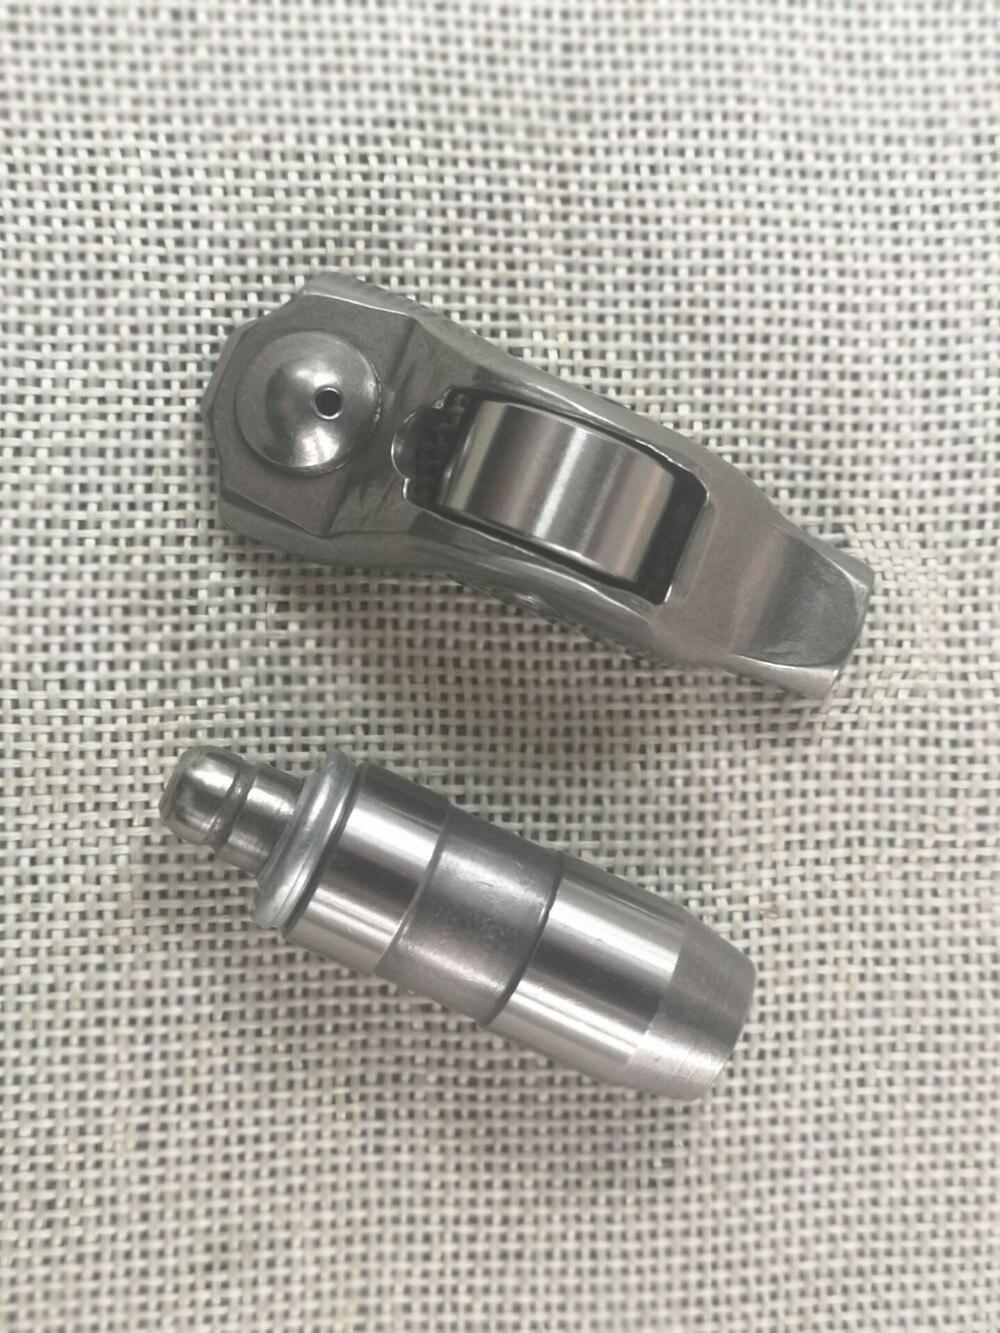 Longjia Echo LJ50QT-3L  Rocker Arm Assembly Valve Adjuster